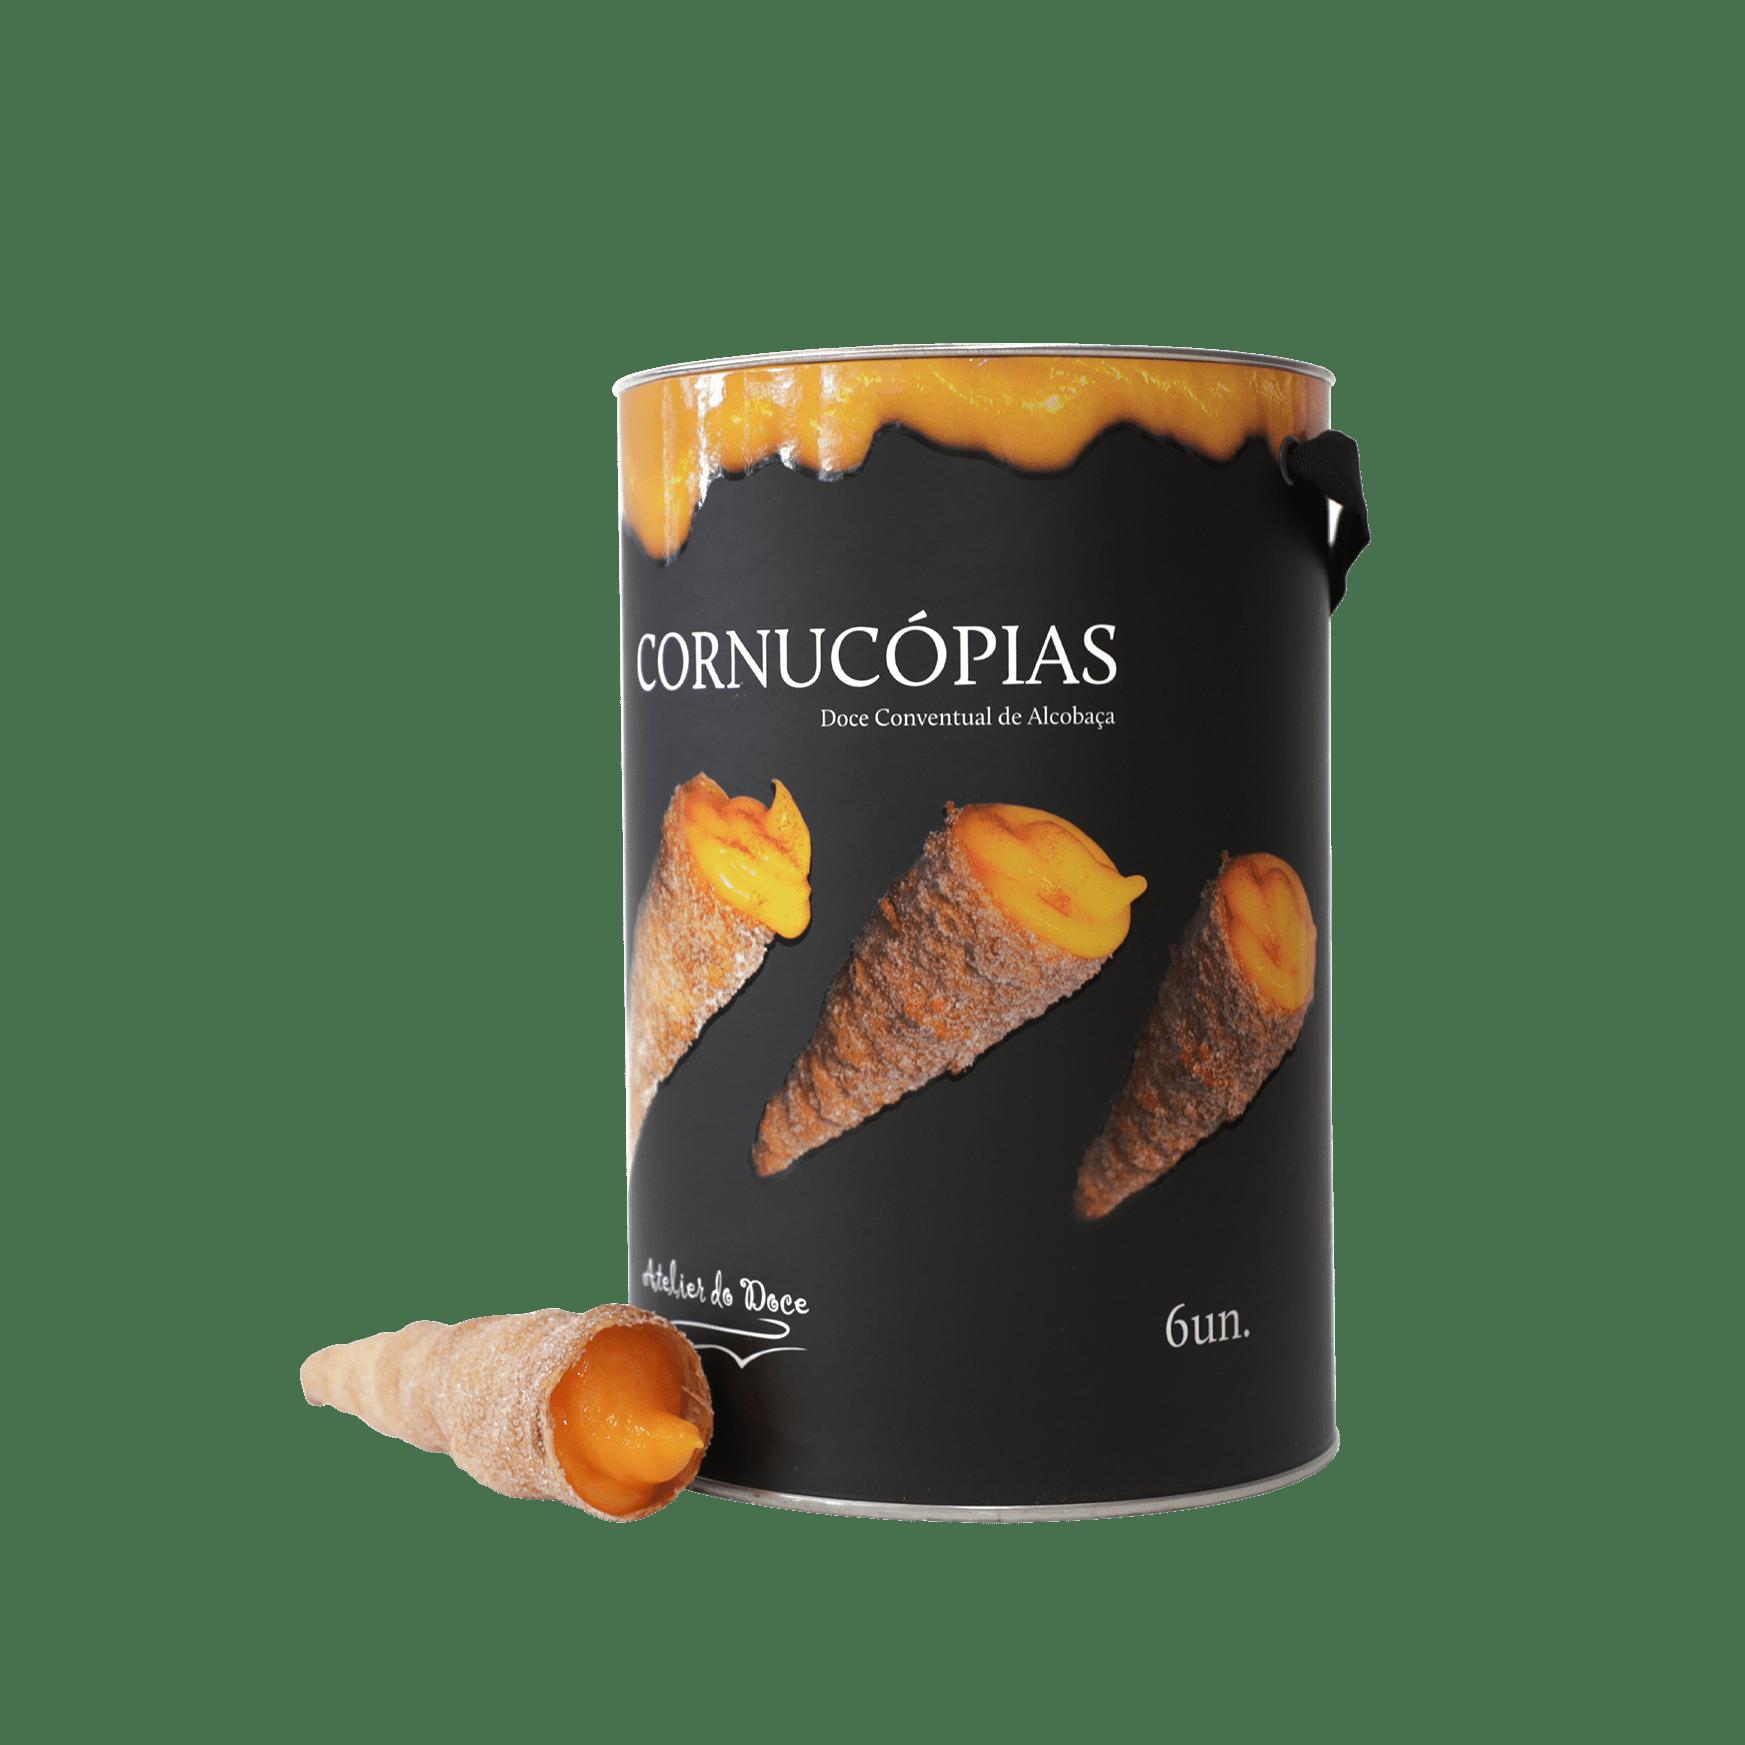 9-box-cornucopias-atelier-doce-alfeizerao-doces-conventuais